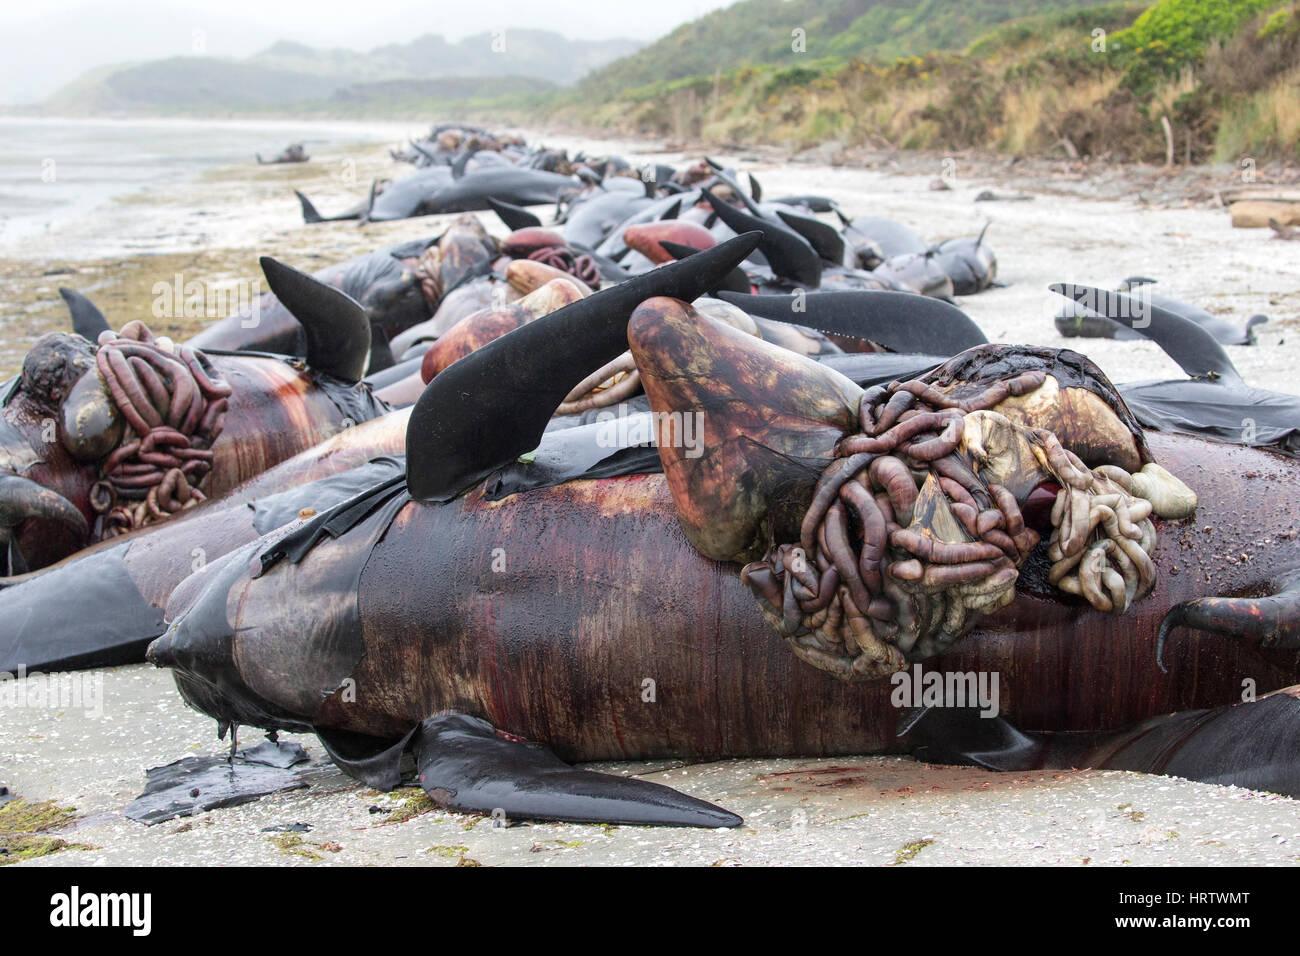 200 Ballenas Piloto De Aleta Larga Muertos Varados En La Playa Farewell Spit Isla Del Sur Nueva ZelandaDespus Muerte Presin Se Acumula Y